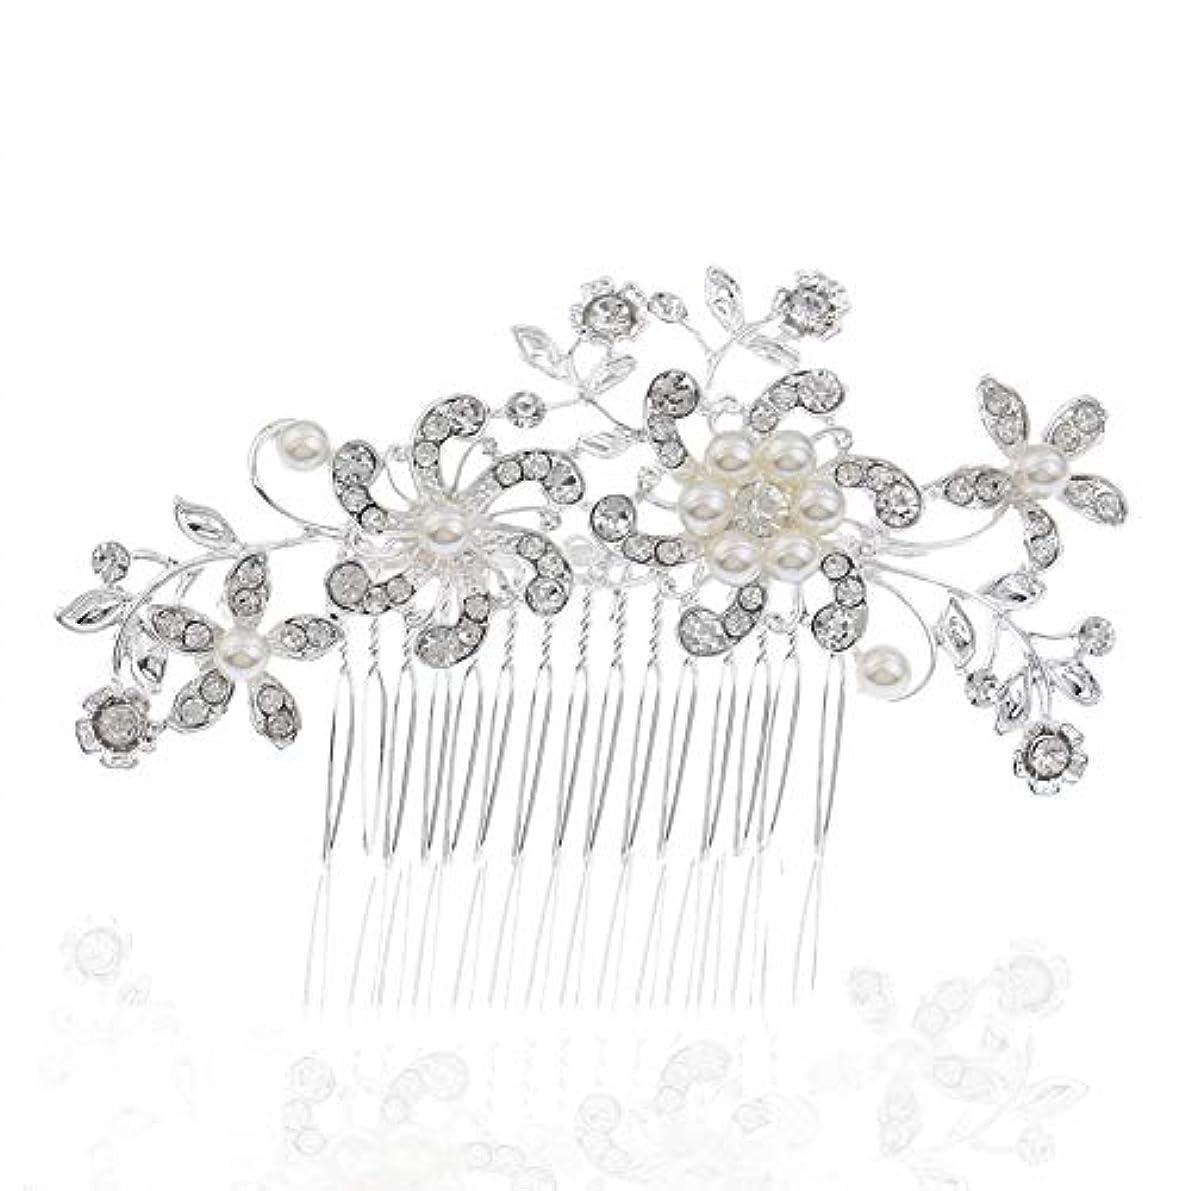 注ぎます徹底的にずるいOnior ブライダル 新婦 頭飾り 模造花 ラインストーン 真珠 ヘアピン ヘアクリップ 櫛 ジュエリー ウェディング 結婚式アクセサリー